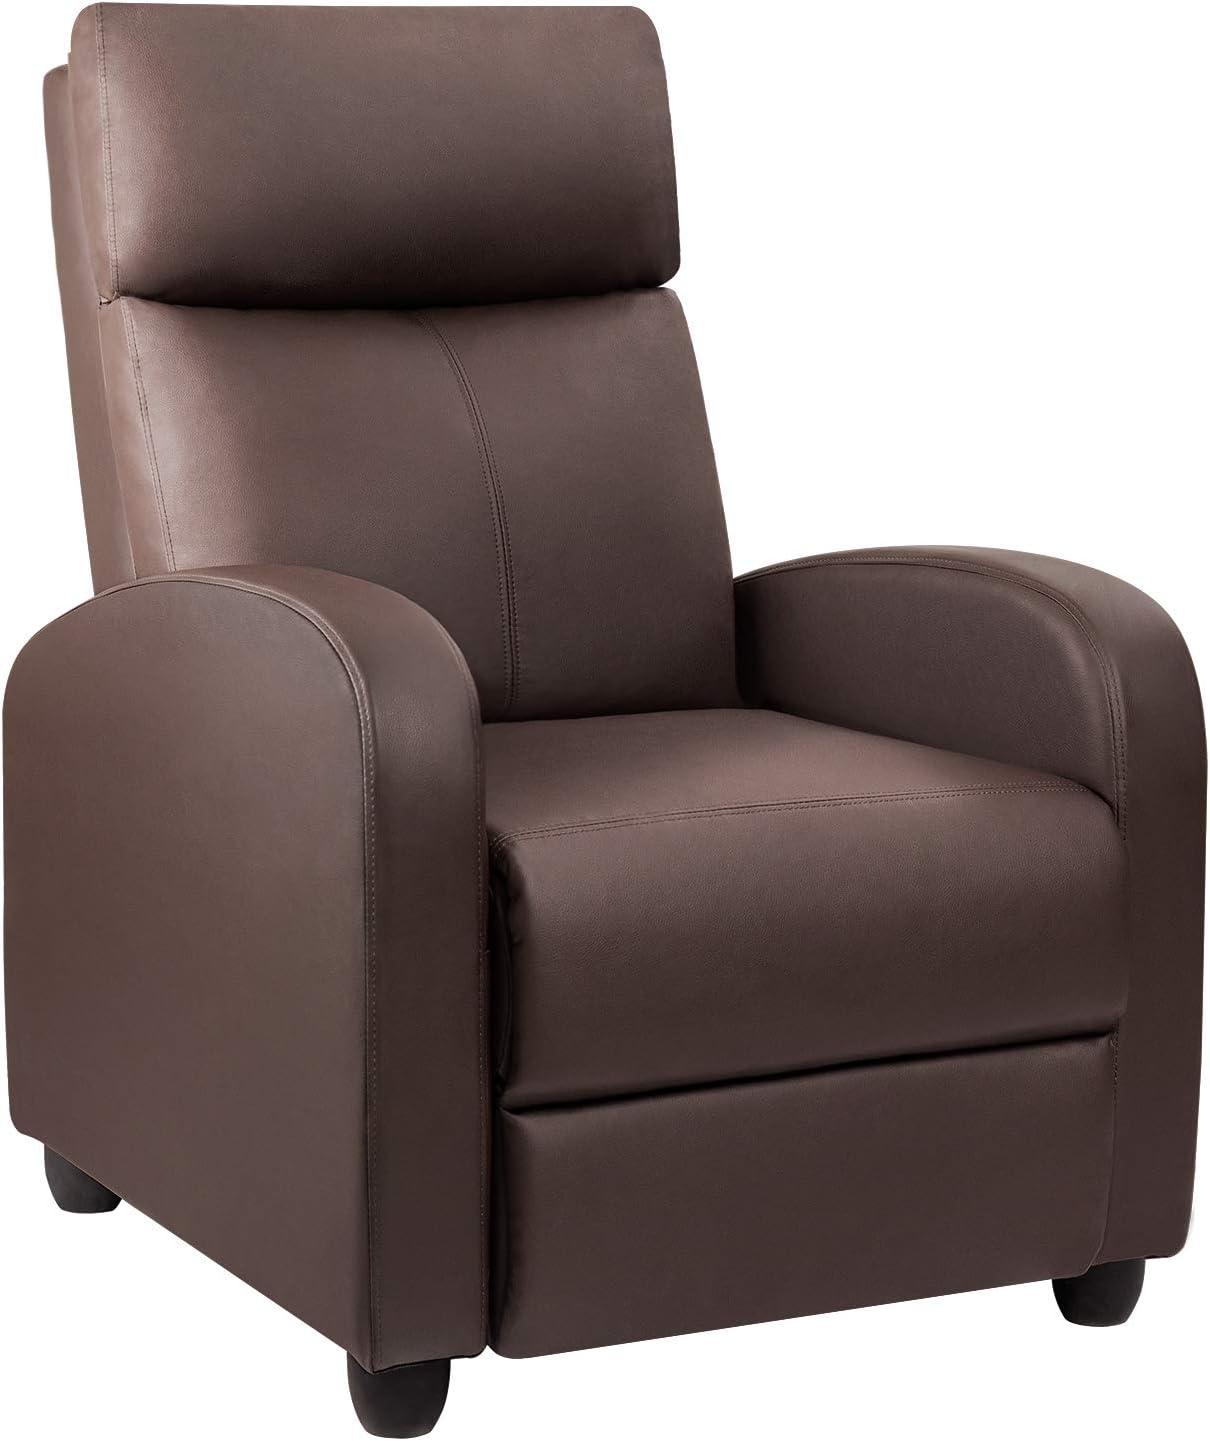 Devoko Adjustable Single Recliner Chair